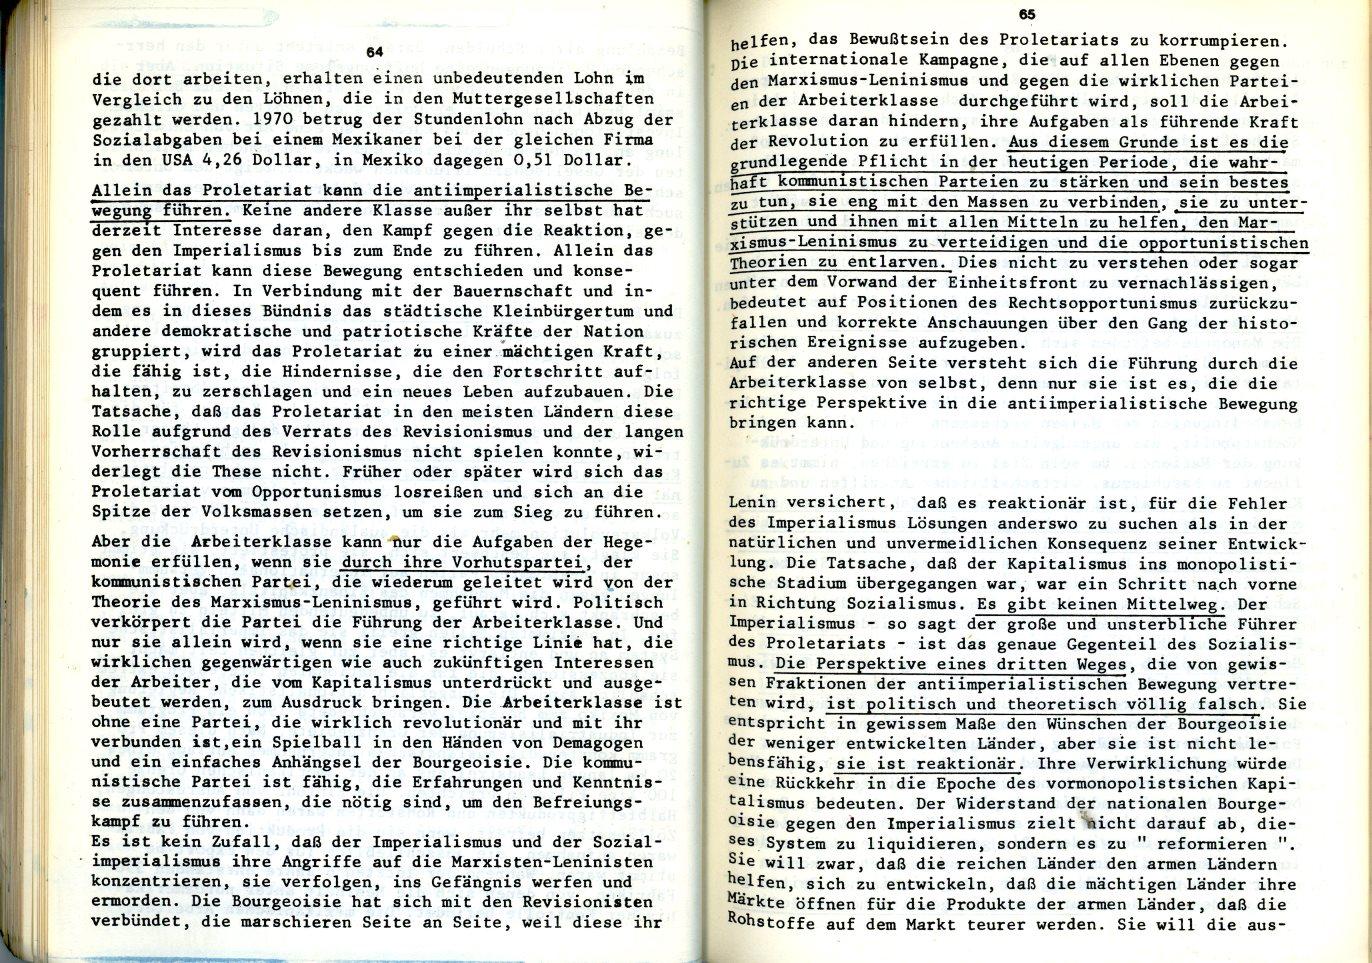 MLSK_Theorie_und_Praxis_des_ML_1978_20_41